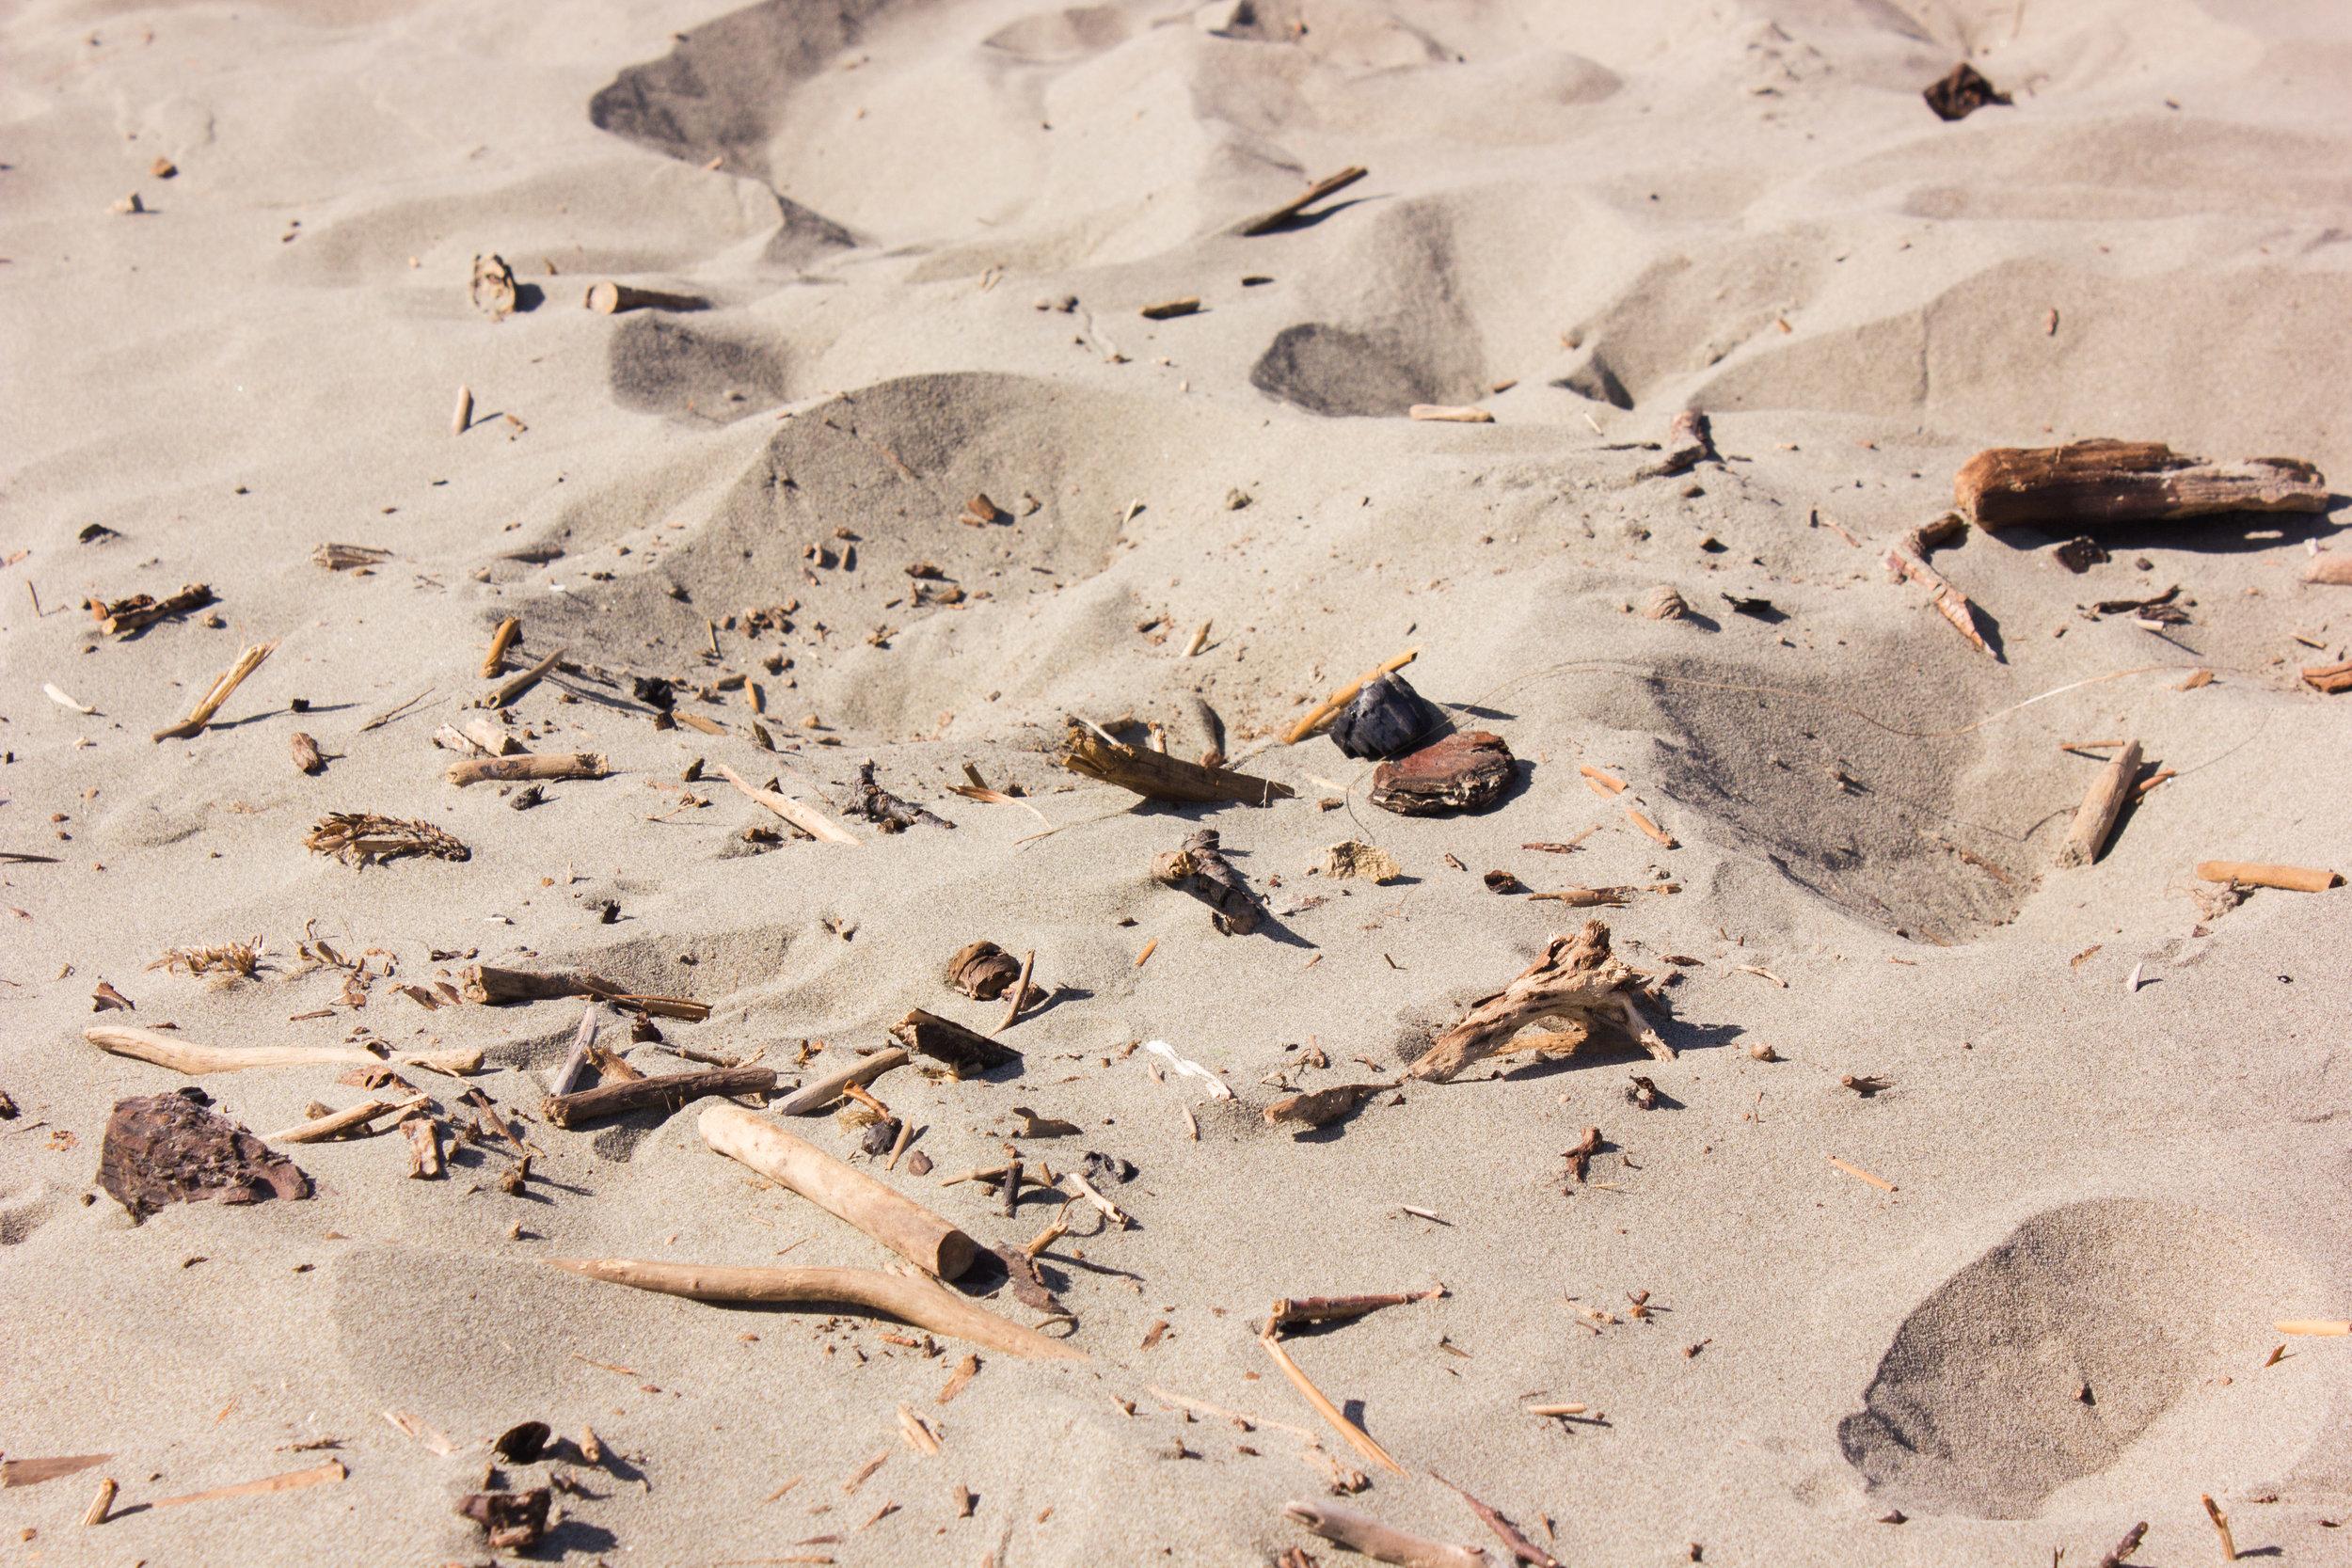 beach-clean-9.jpg